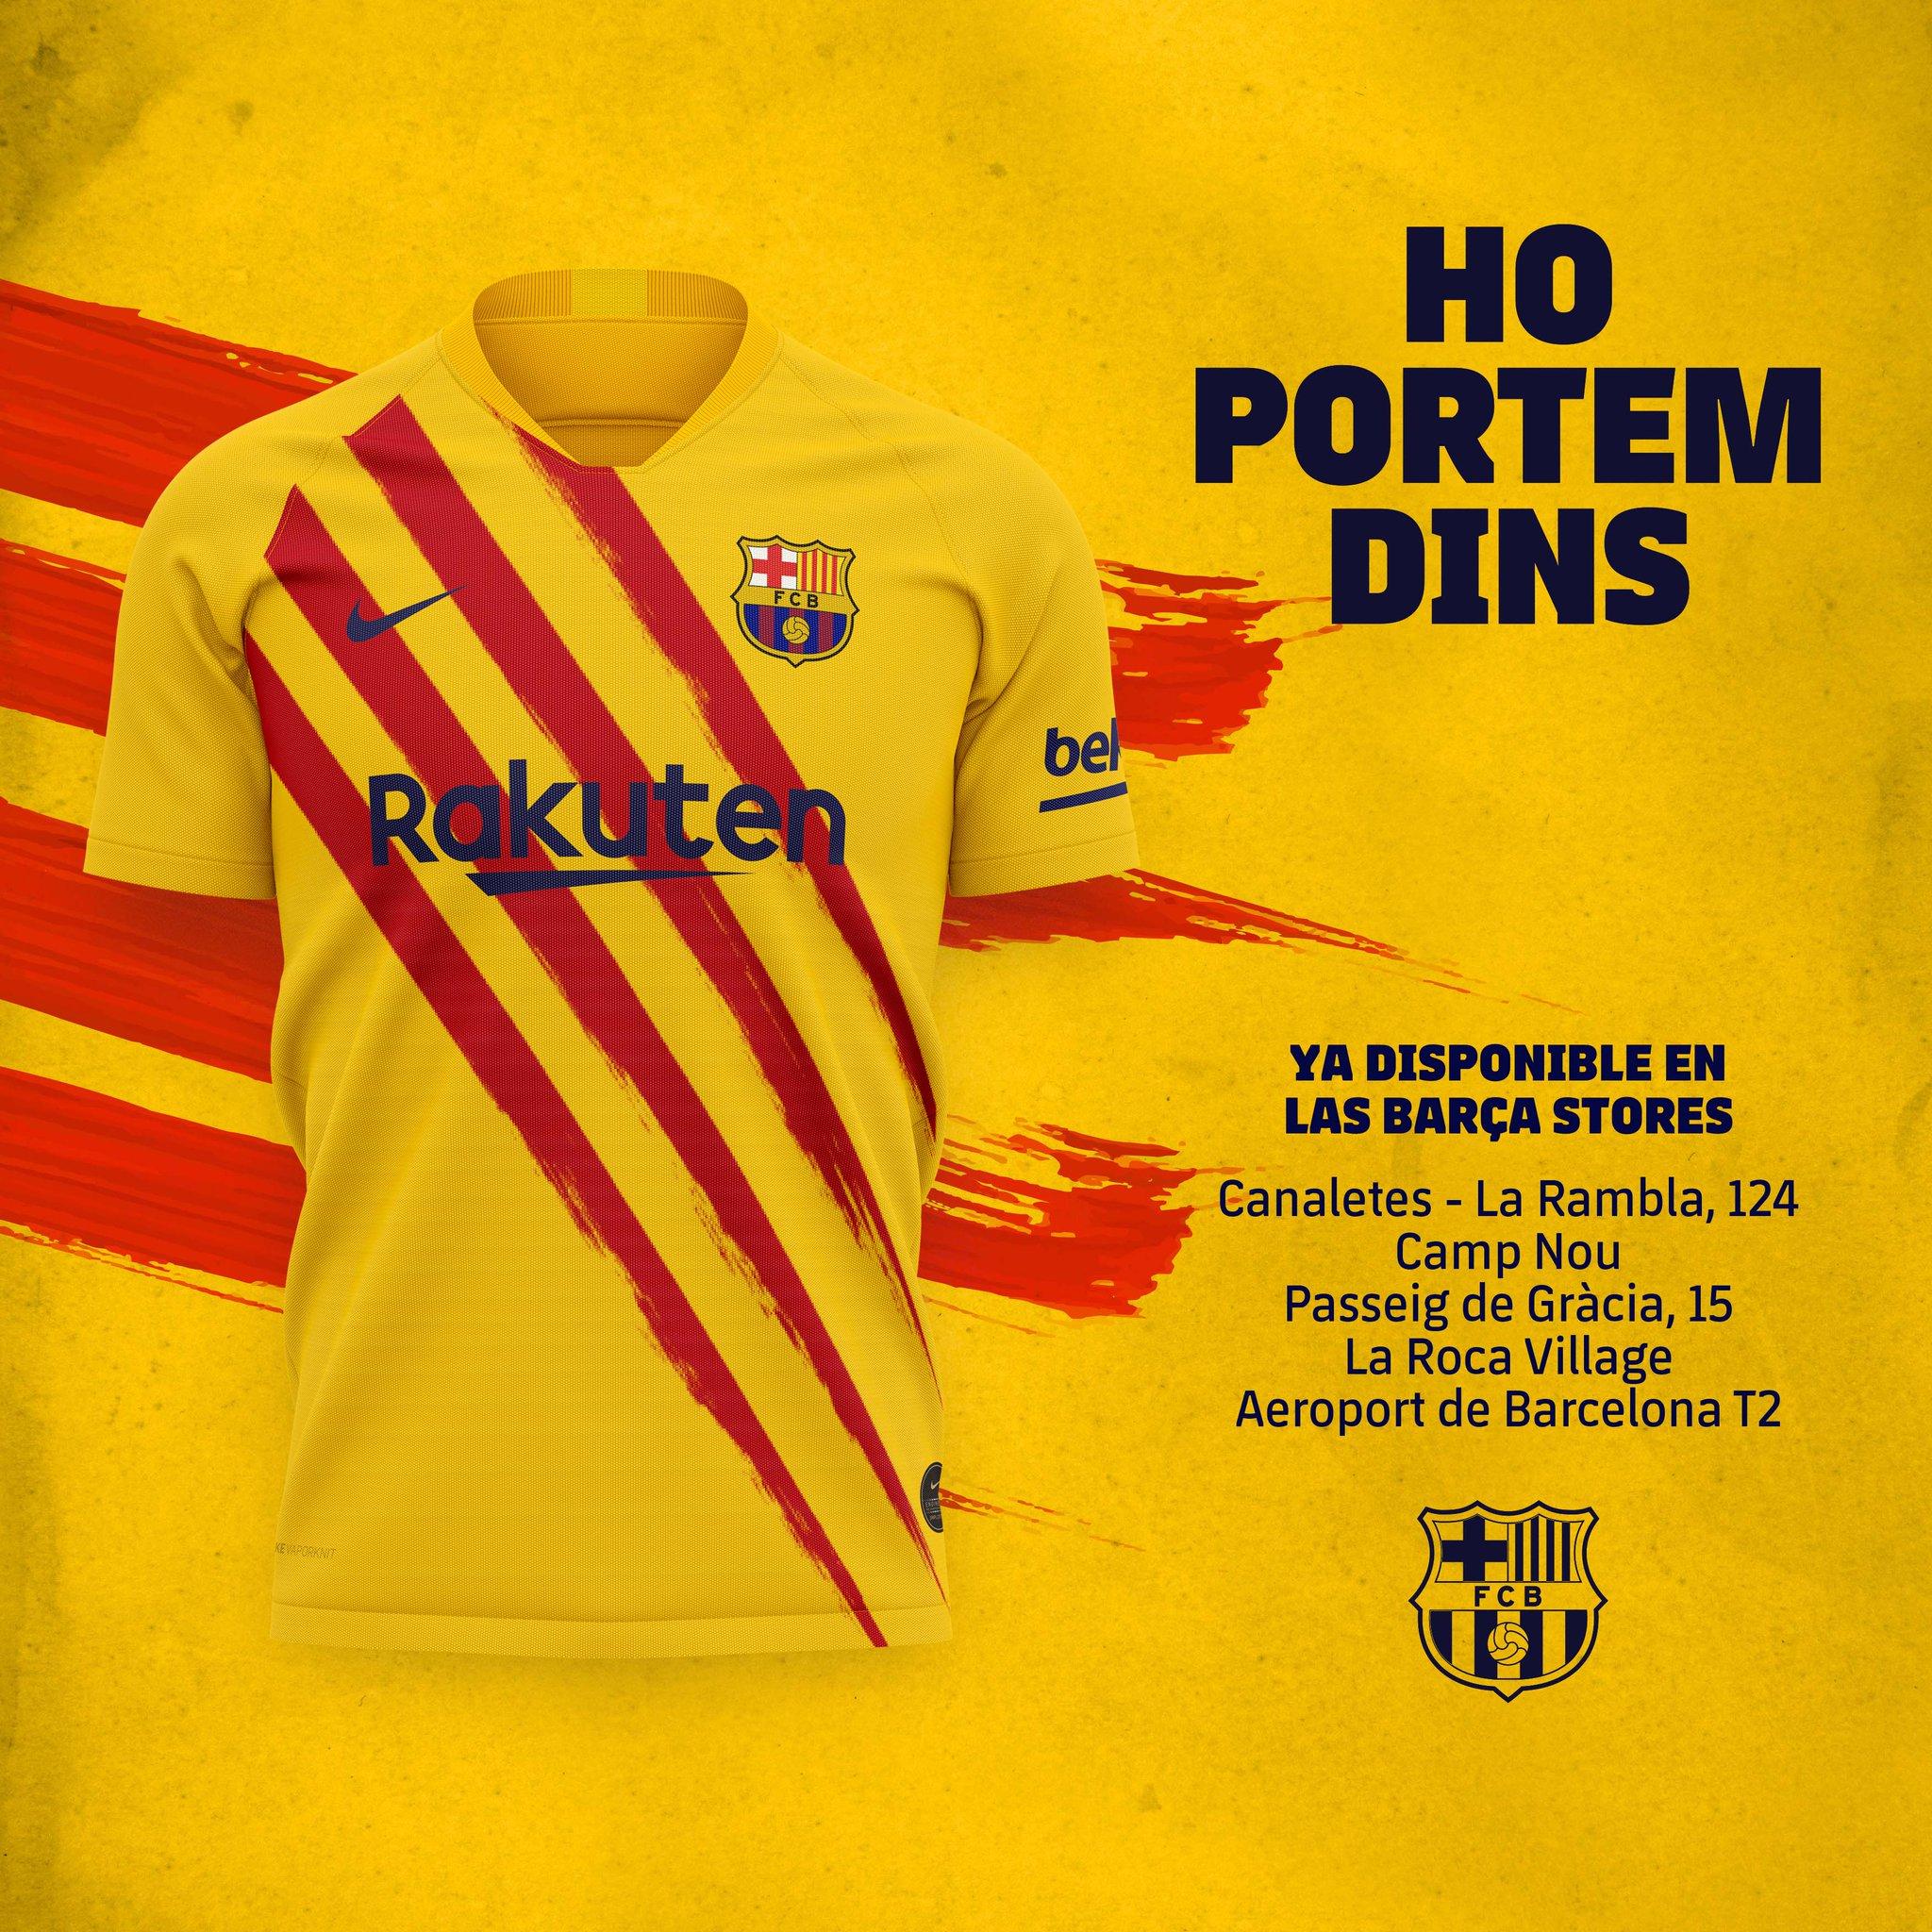 Ya tienes disponible la nueva equipación del Barça en nuestra Barça Store del Camp Nou https://t.co/Z4c6DTbapy